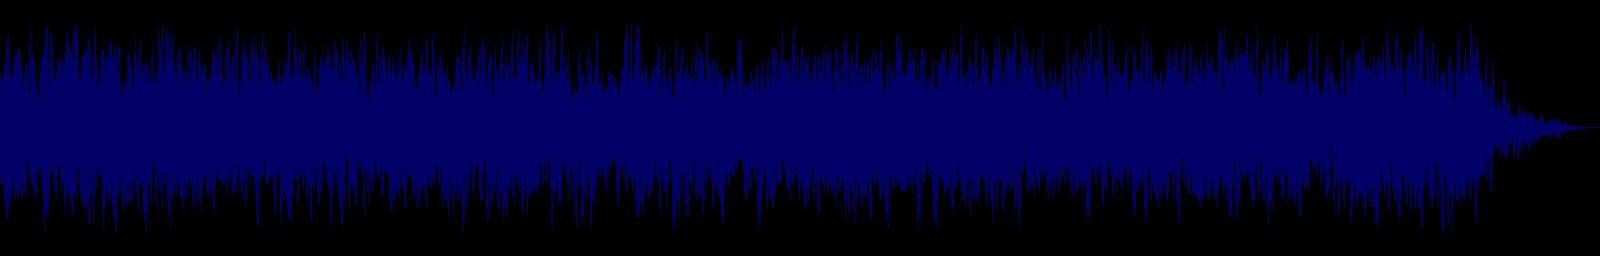 waveform of track #132403